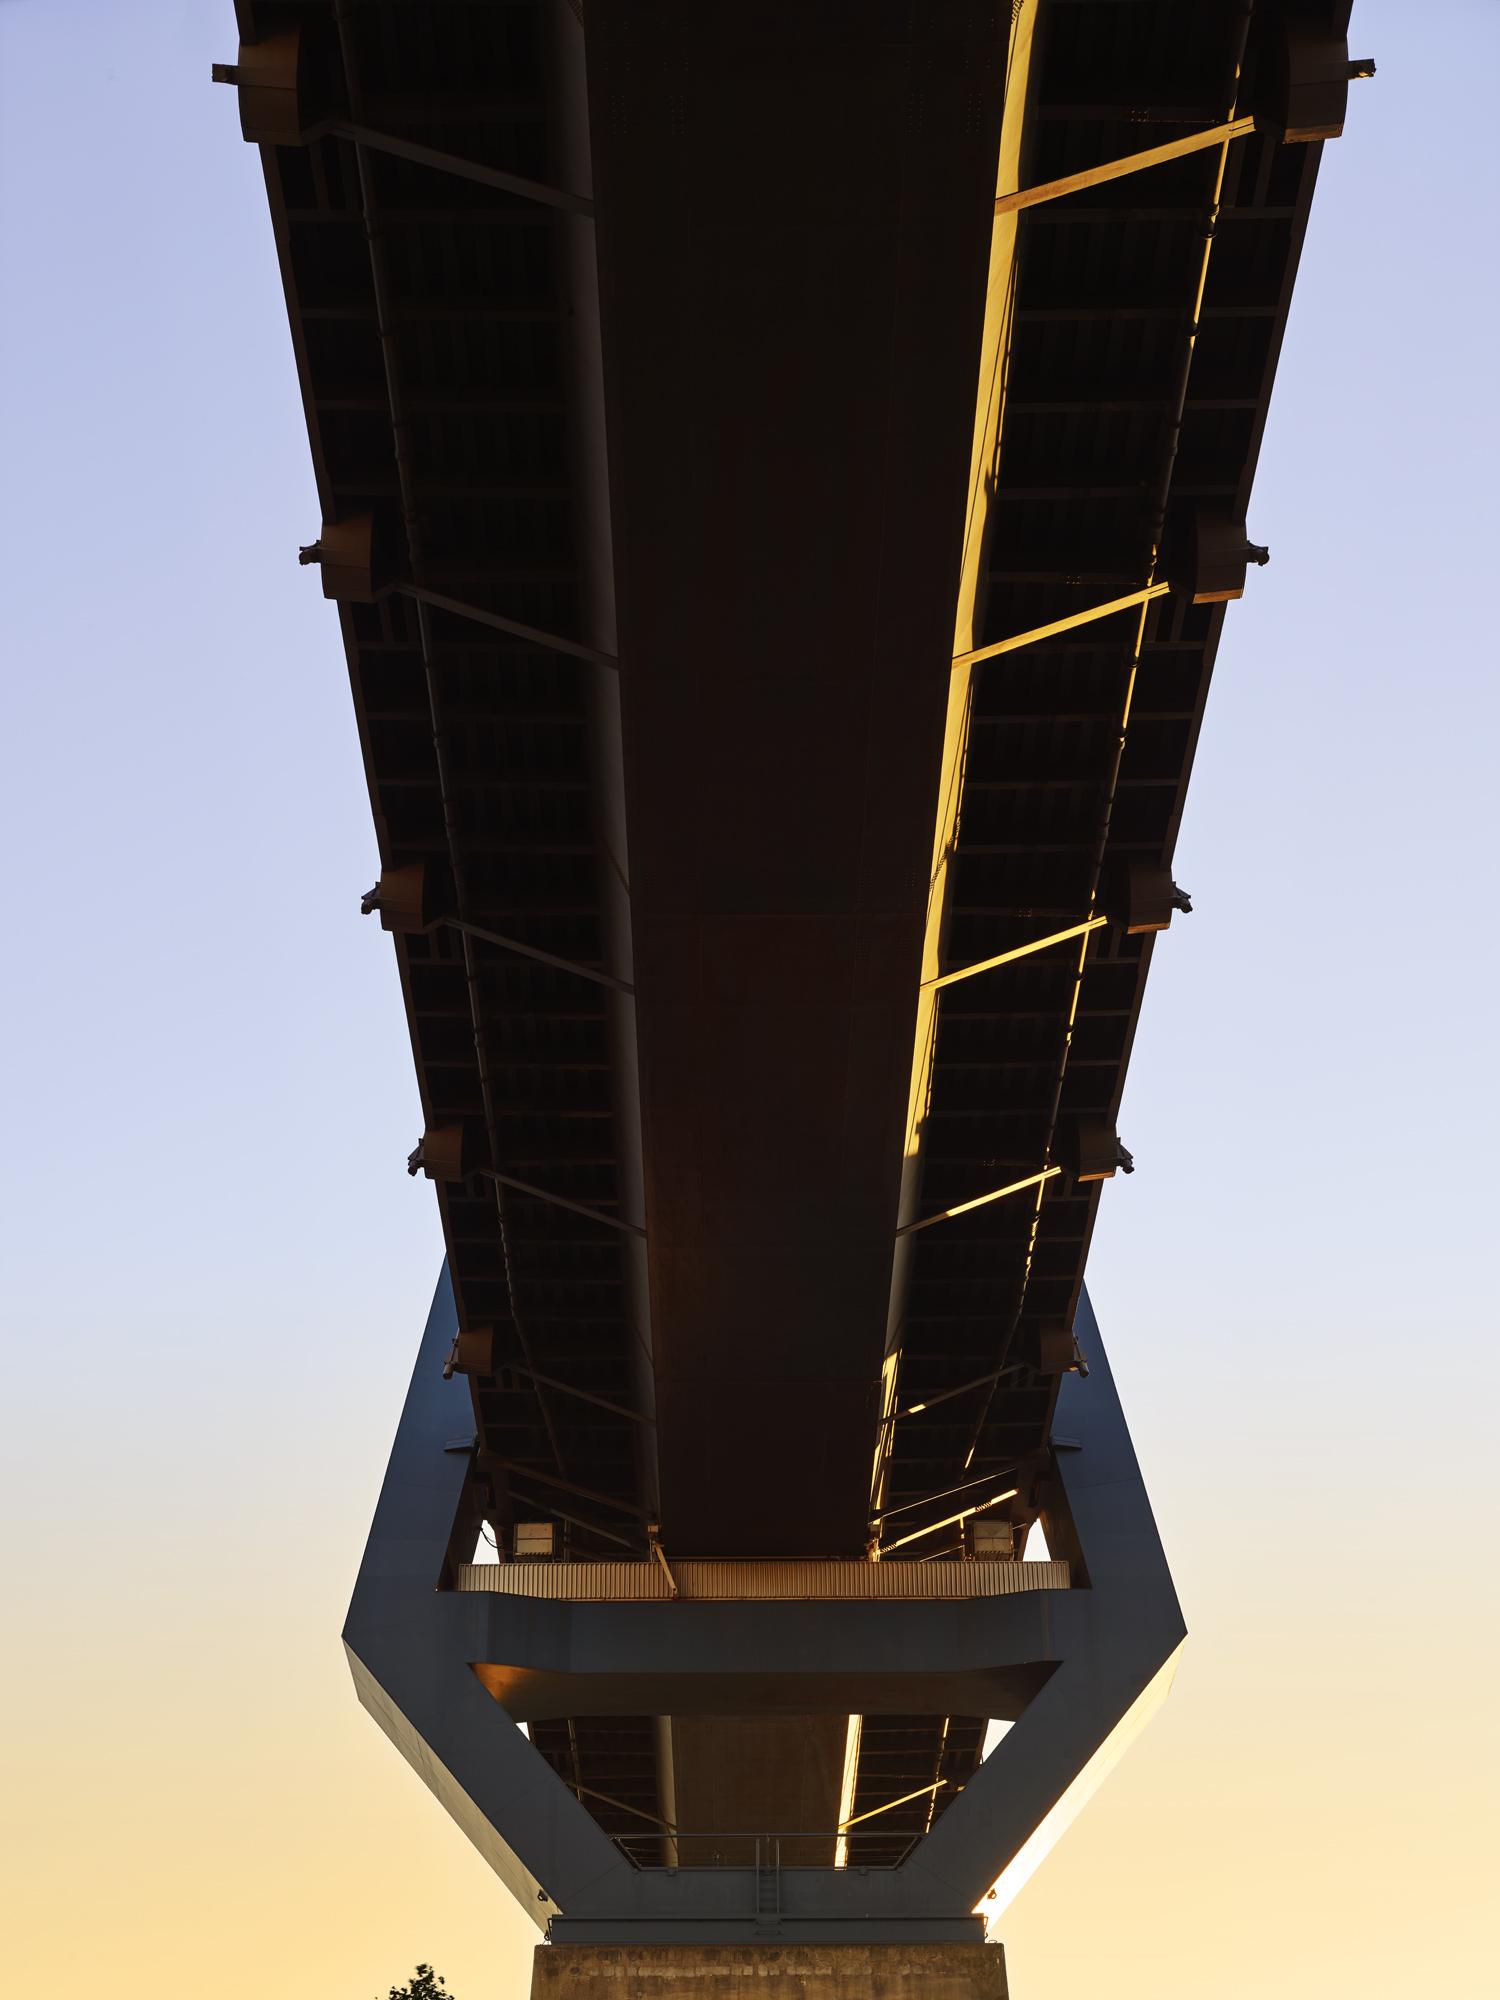 Vattenfall-ImageBank-594.jpg